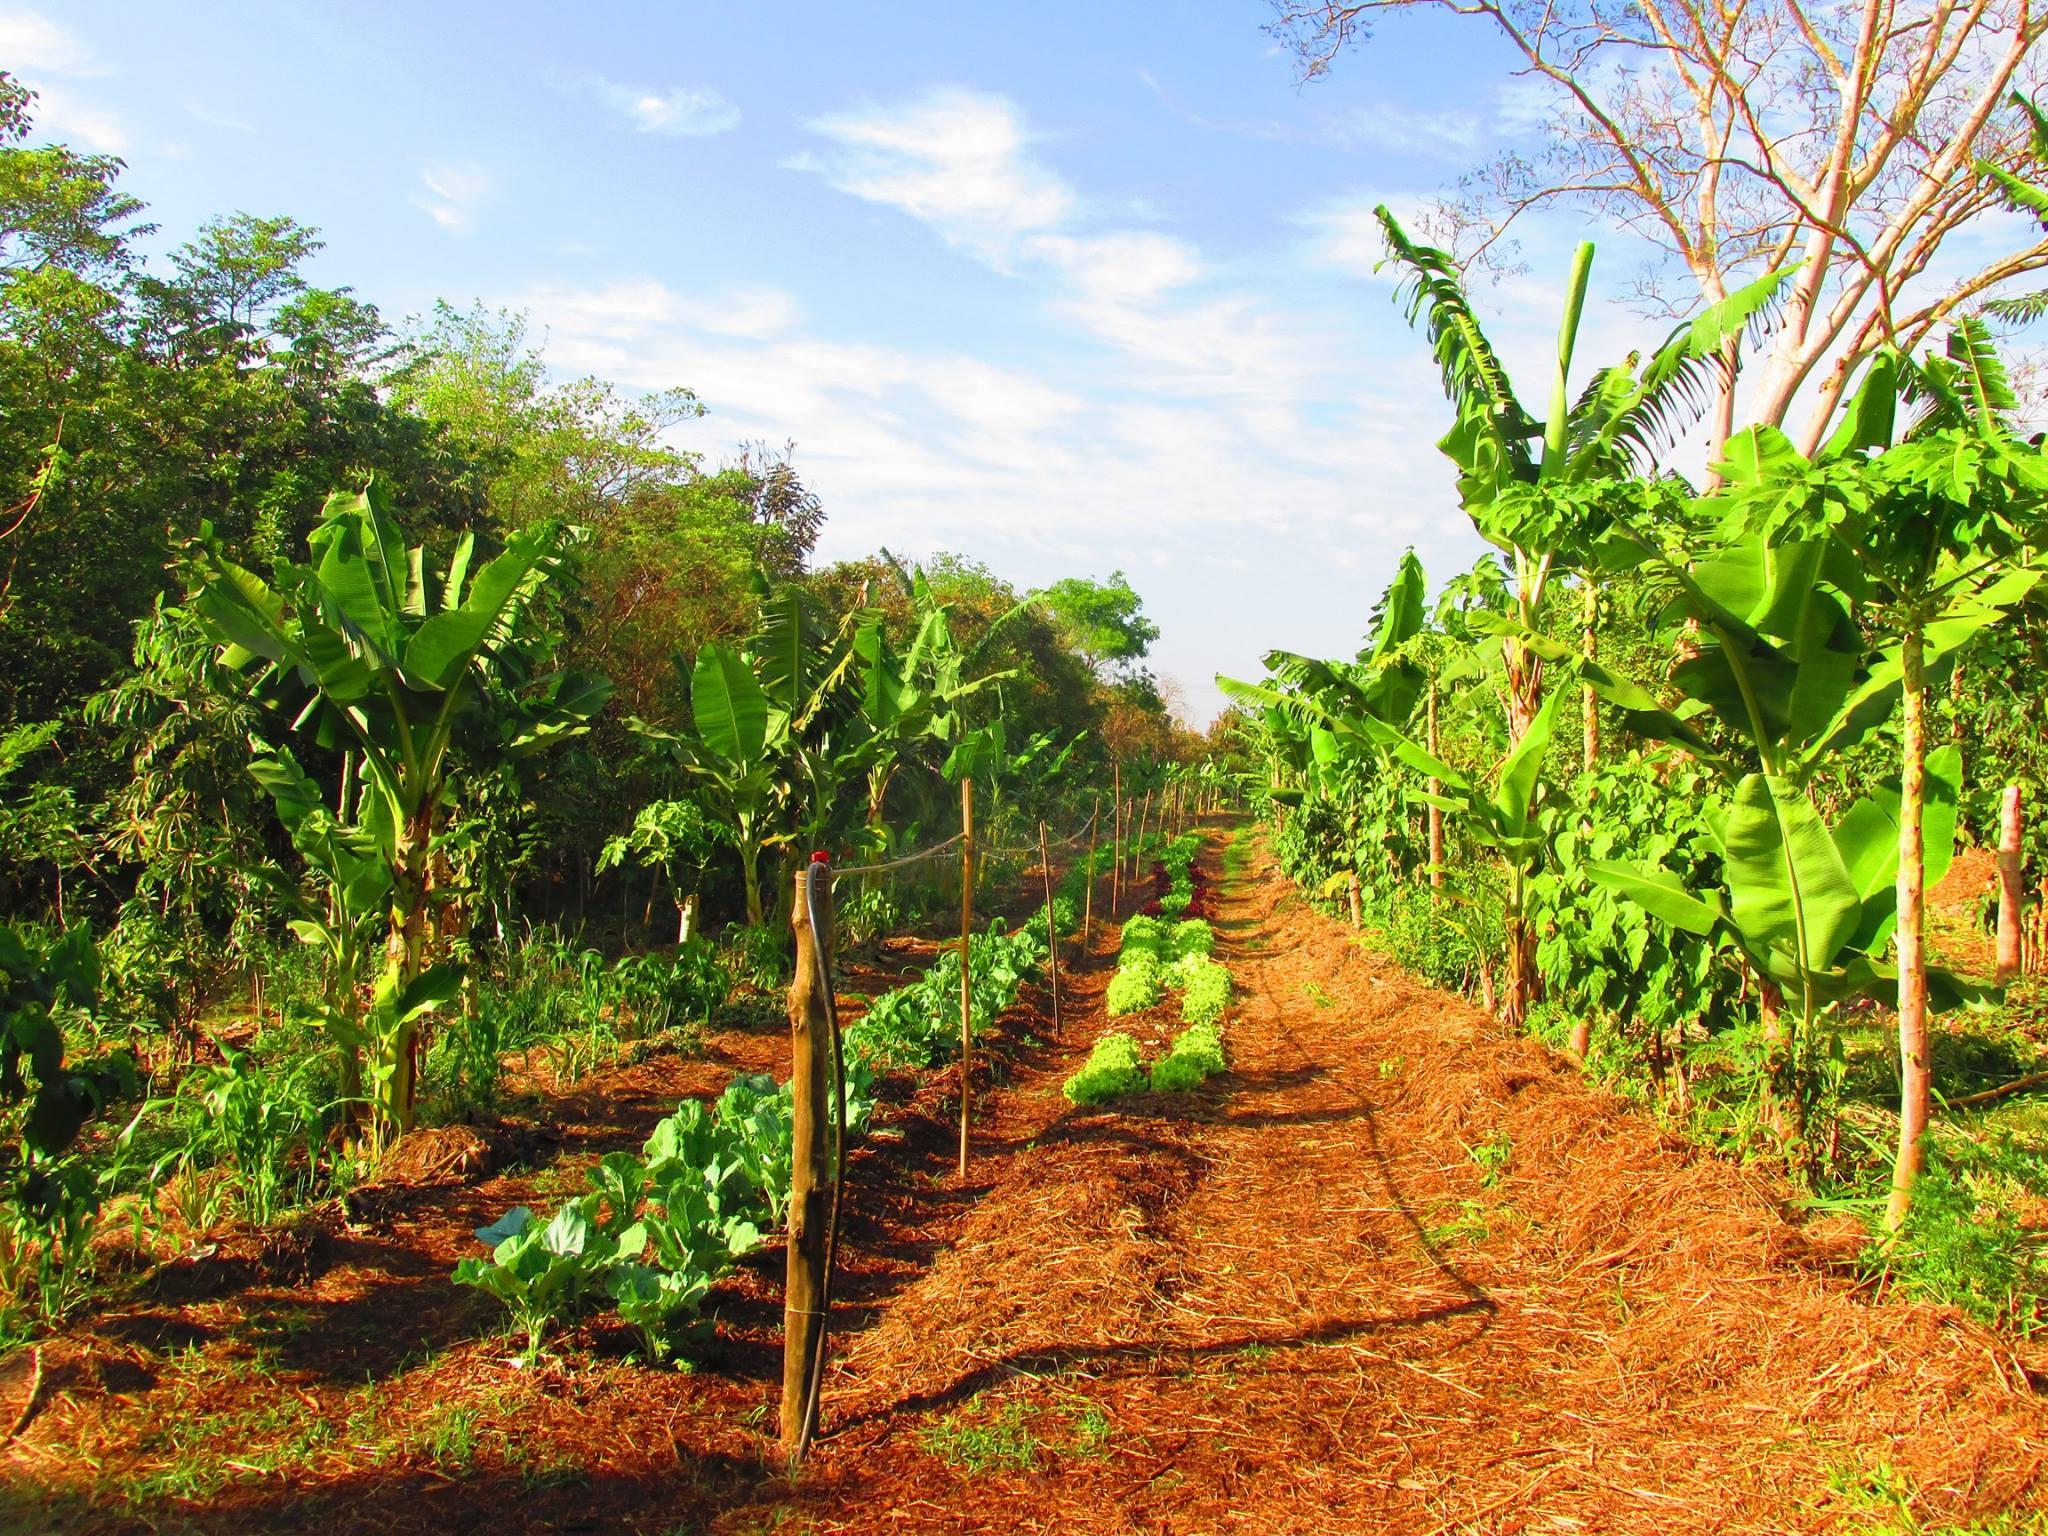 Saneamento ecológico e agrofloresta são temas de curso em SP